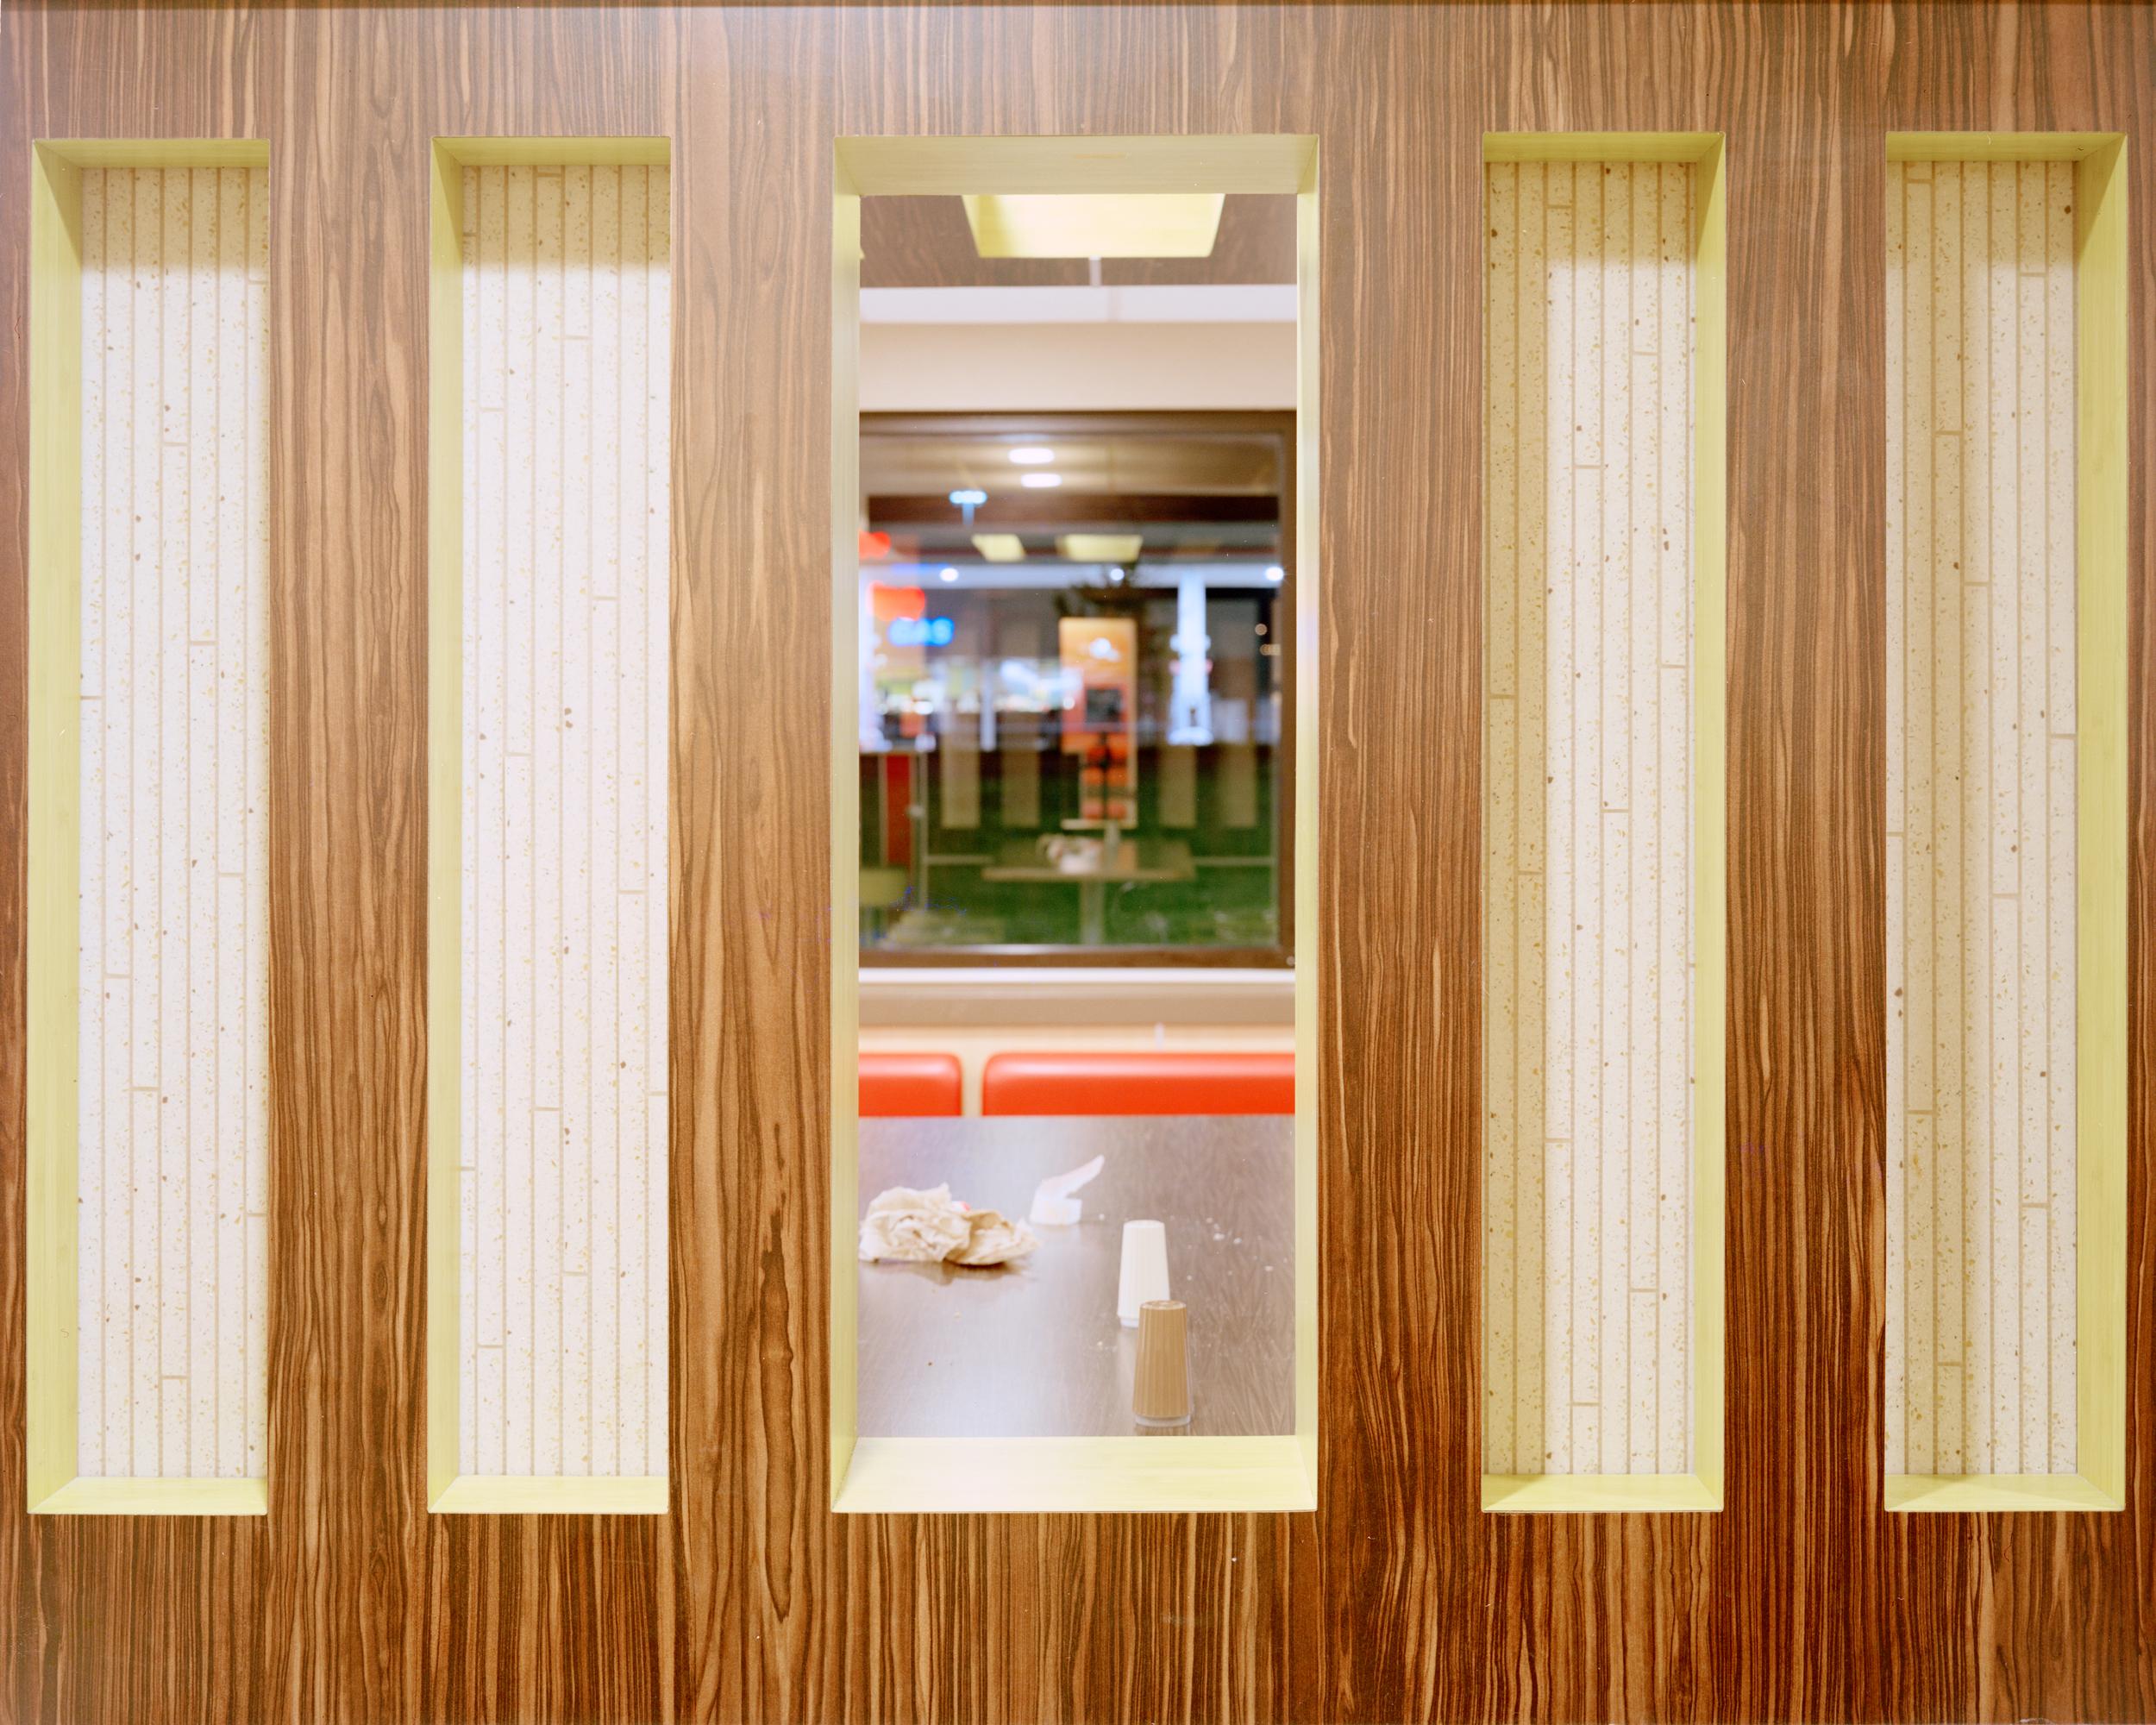 4x5-Portra-Nov-011.jpg